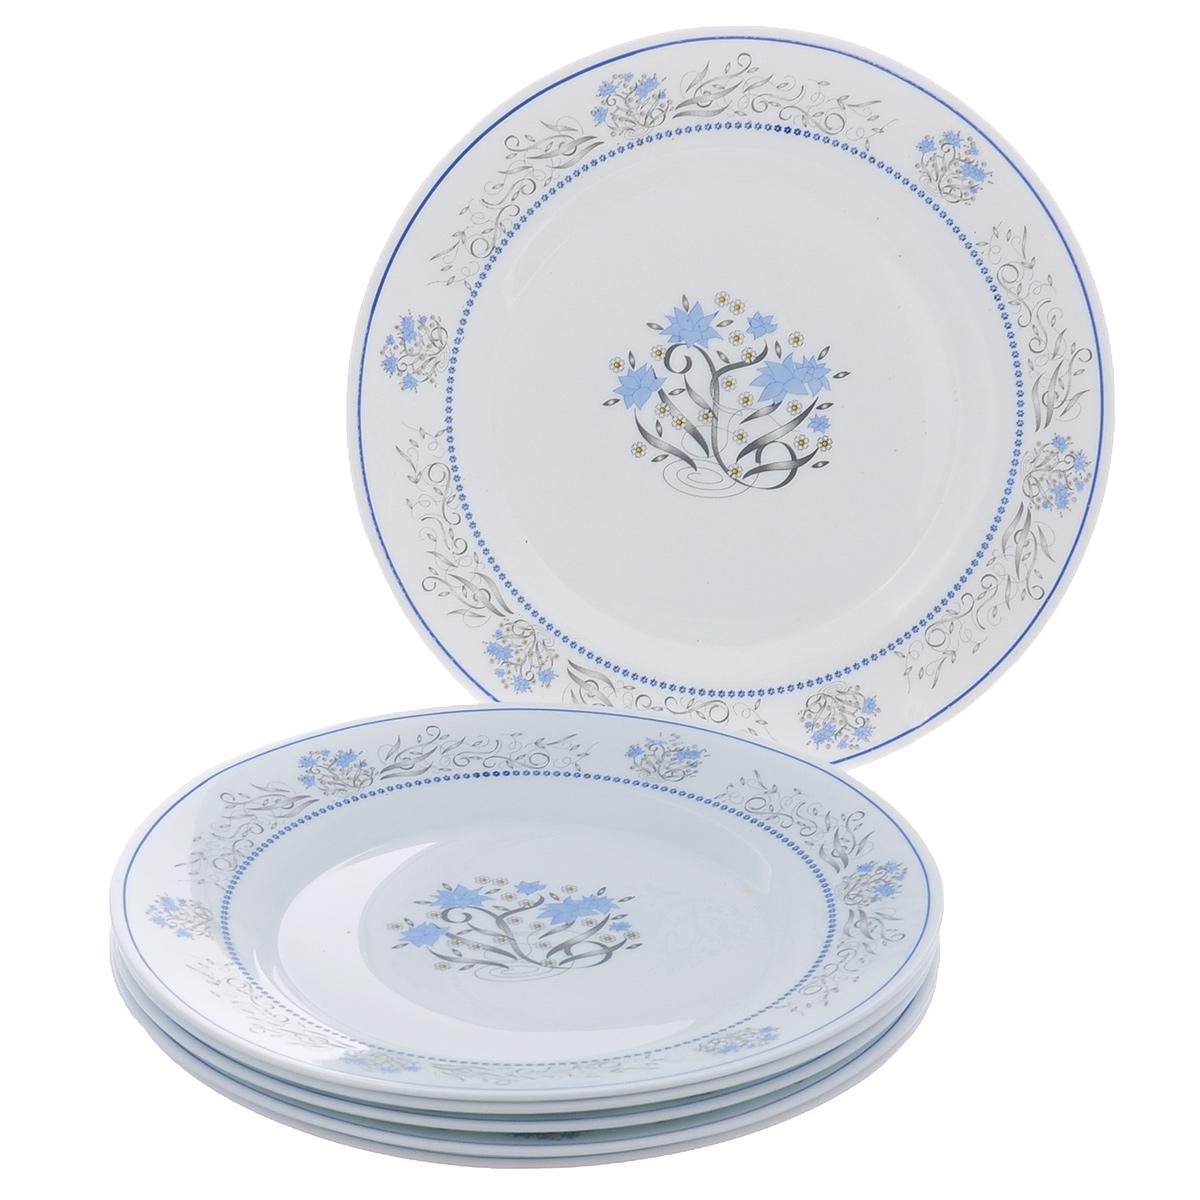 Набор обеденных тарелок Bormioli Rocco Exotique, диаметр 25 см, 6 шт